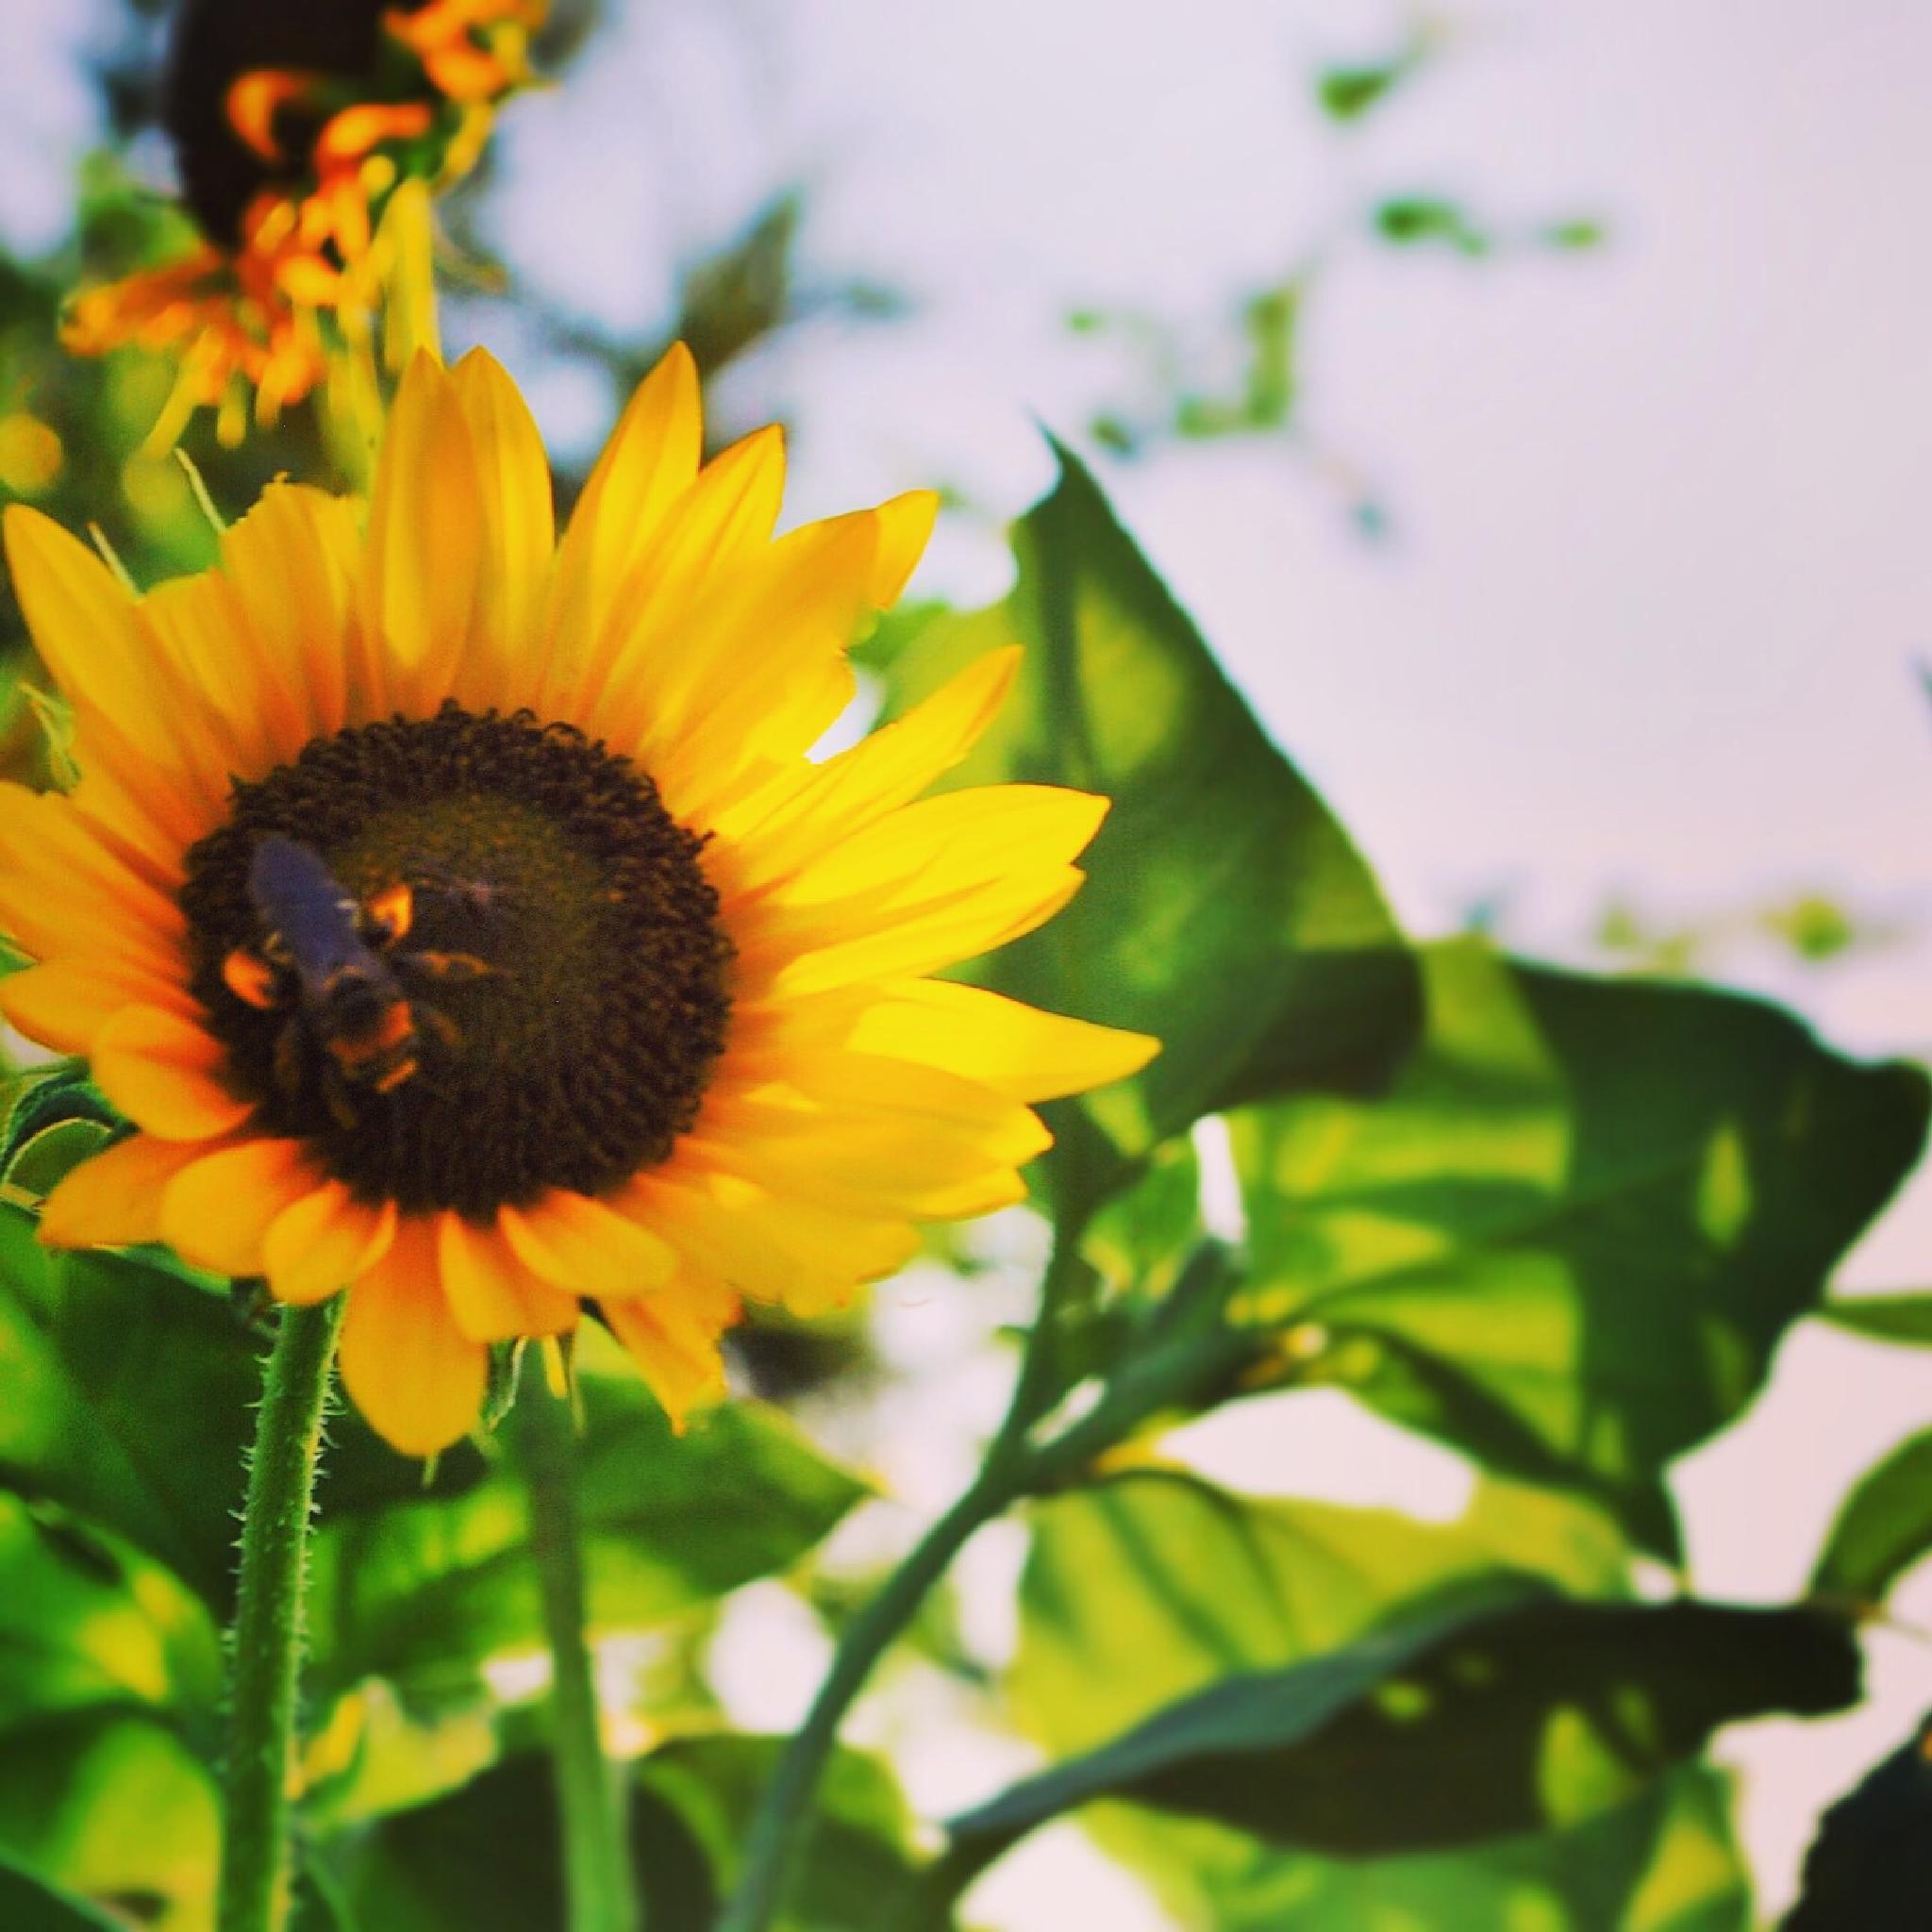 Sunflower by Jennifer Hassinger